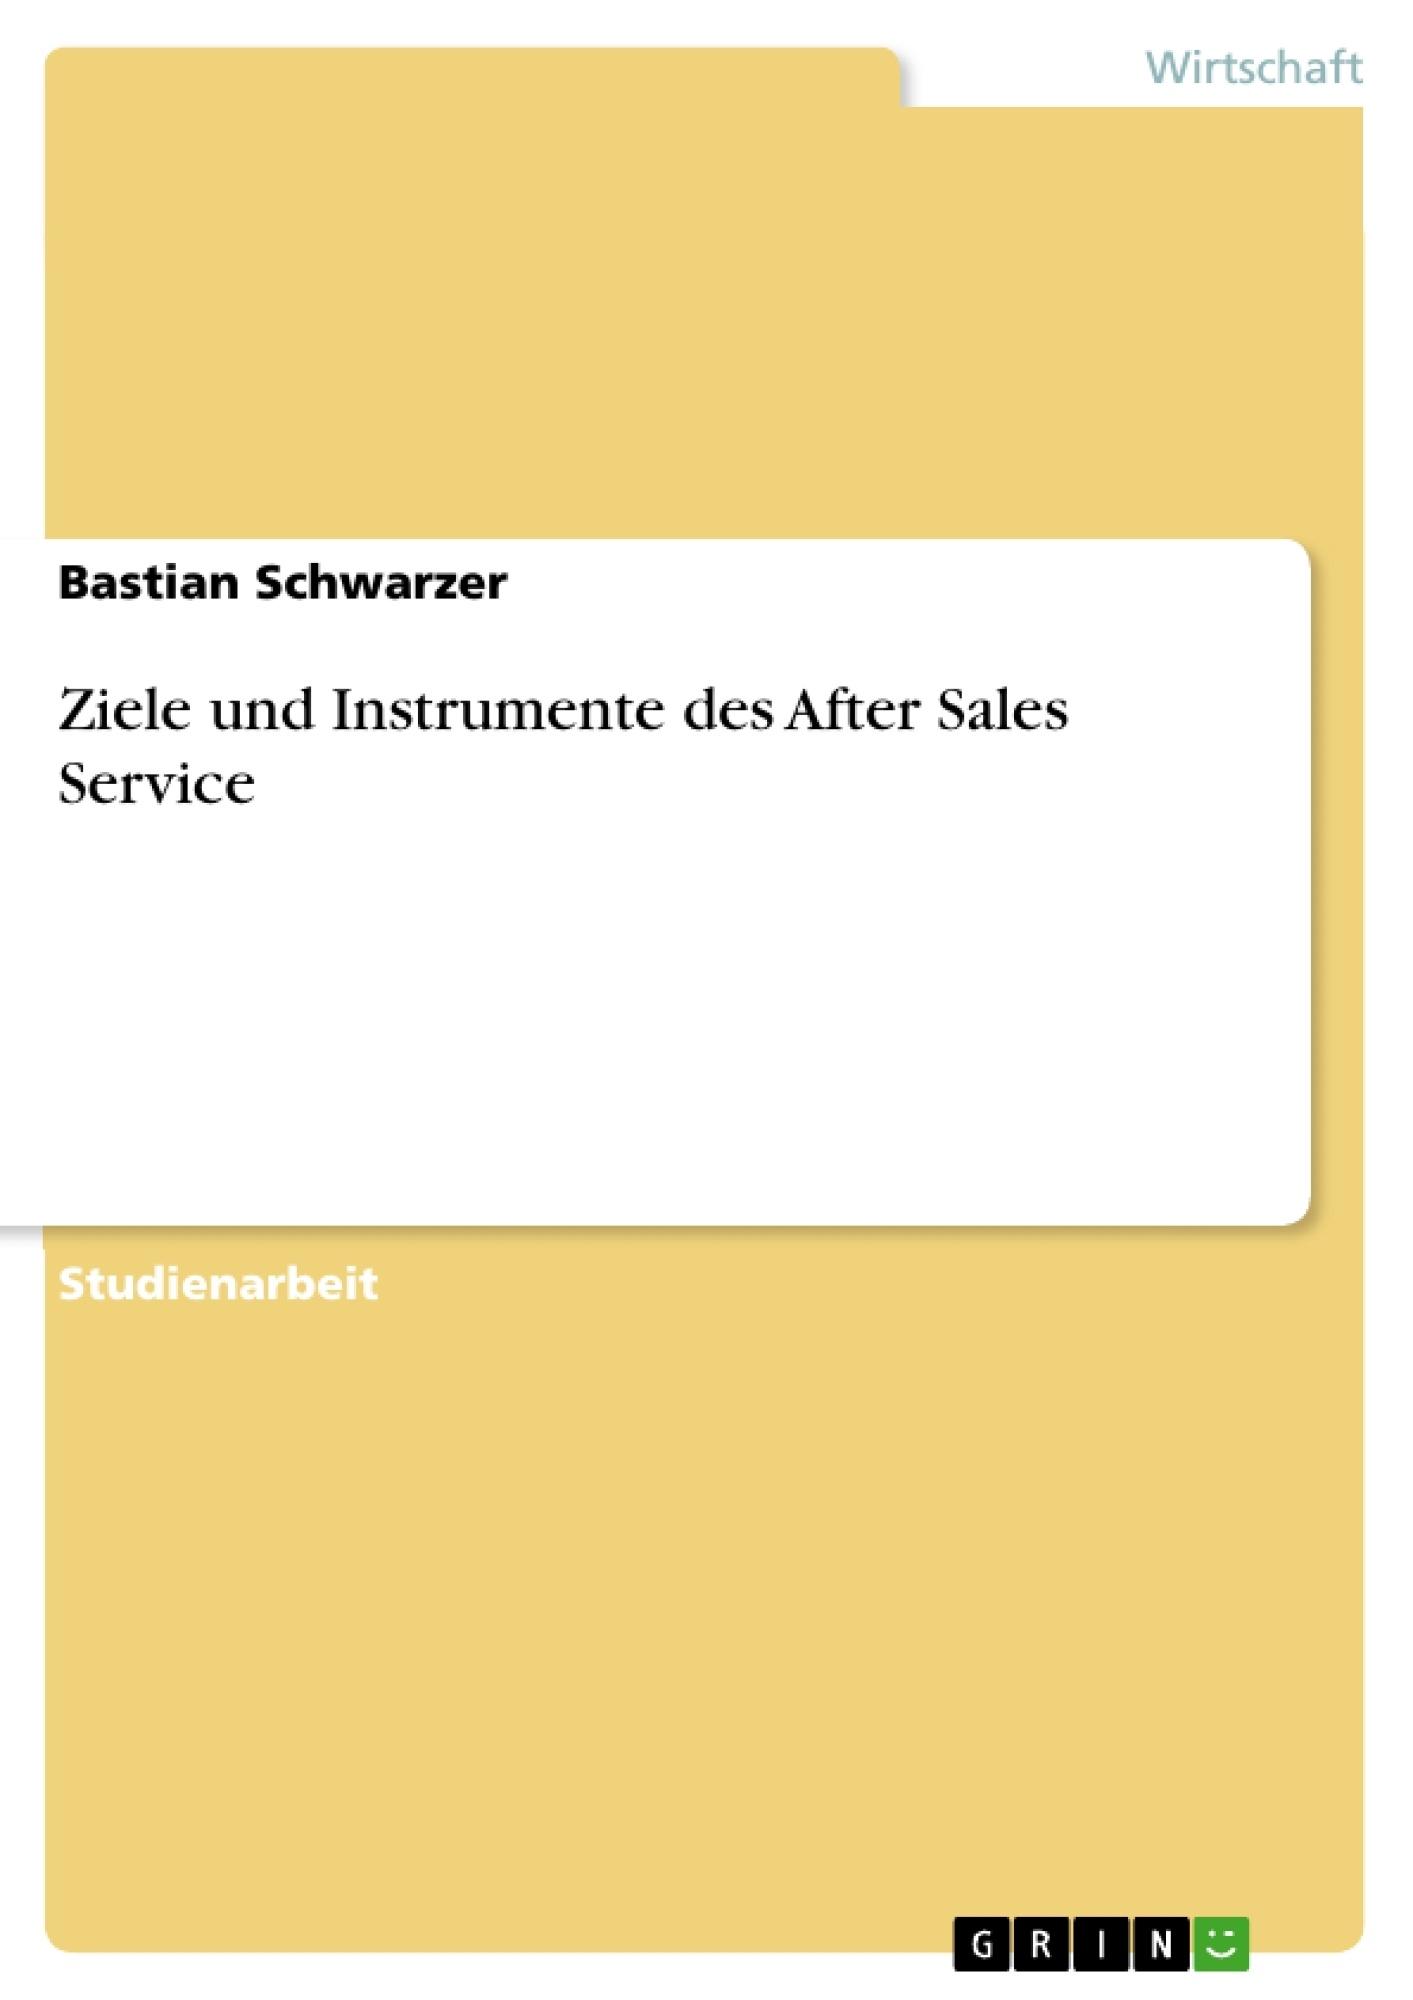 Titel: Ziele und Instrumente des After Sales Service